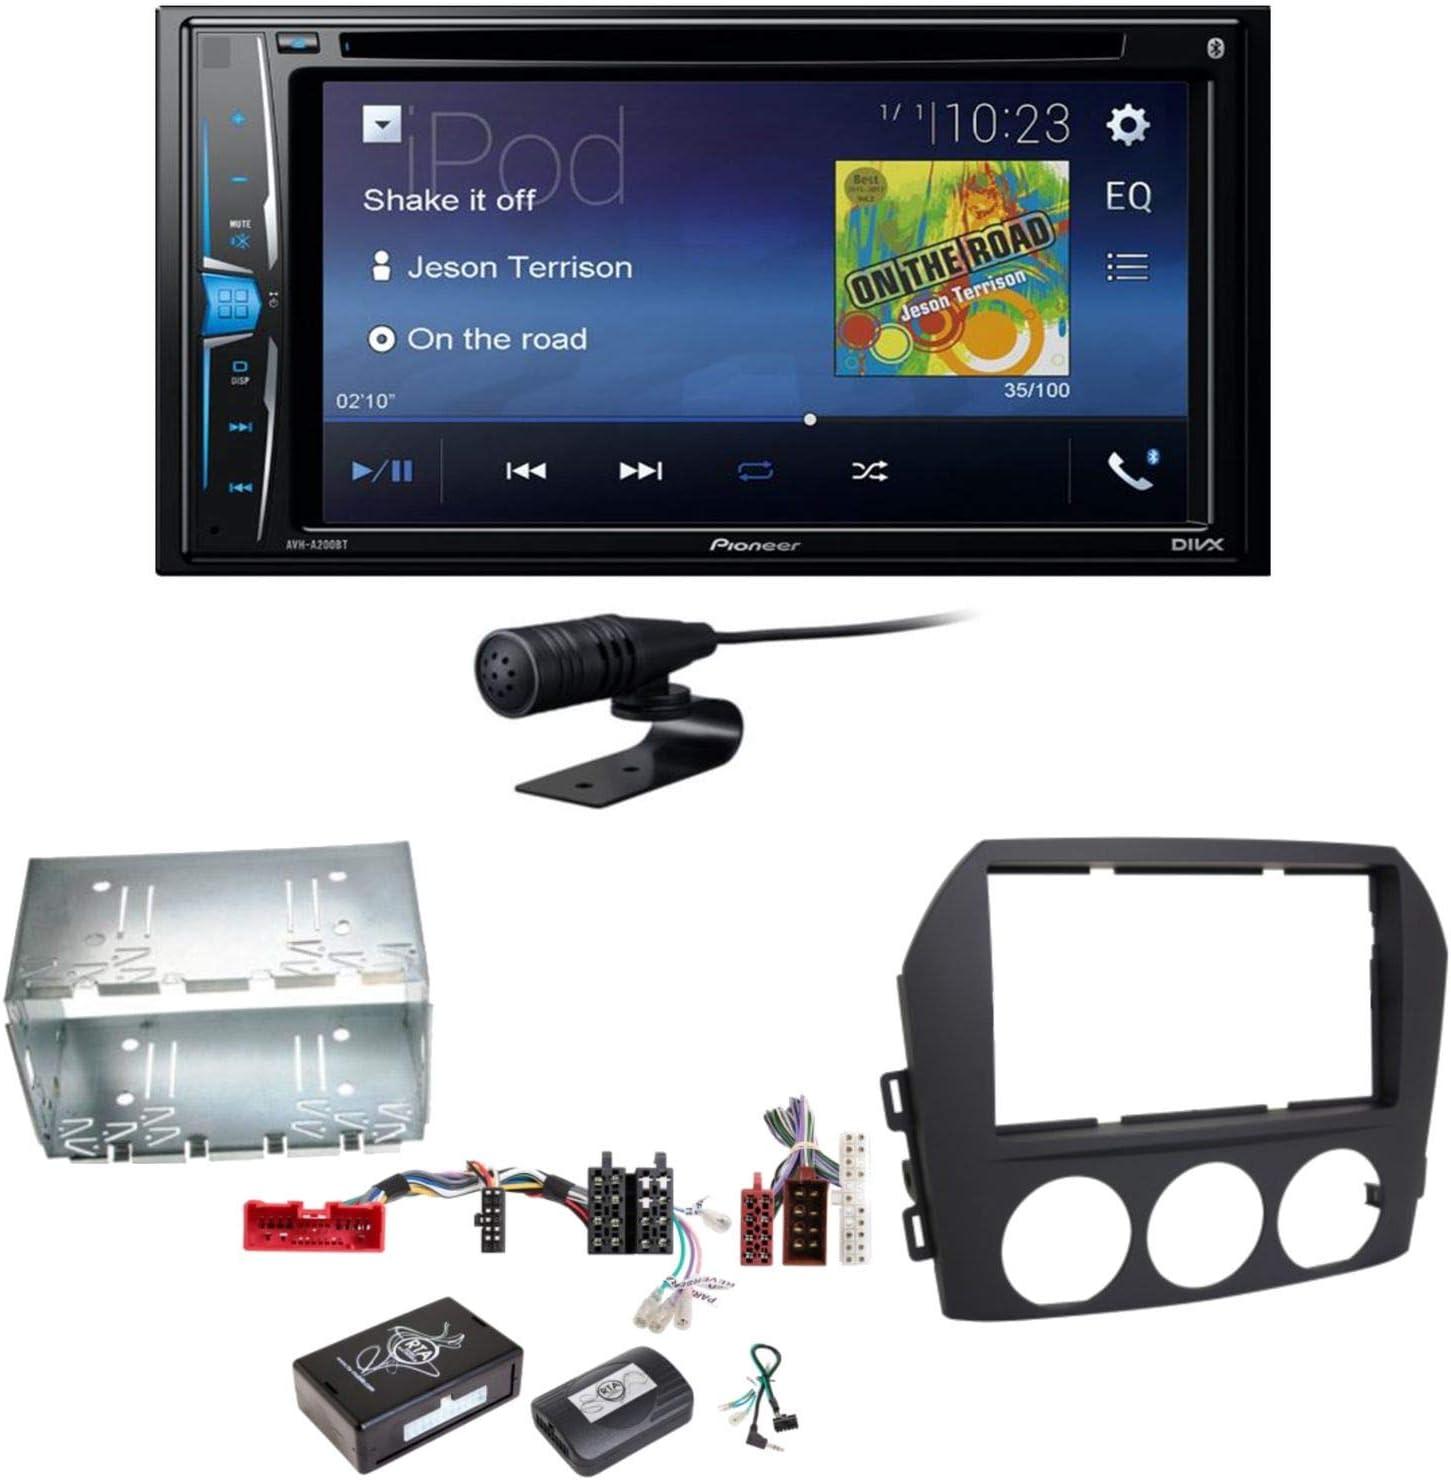 Pioneer AVH-A210BT - Radio para Coche con Pantalla táctil y Bluetooth, Reproductor de CD, DVD, MP3, Manos Libres, WAV, AUX, AAC, DivX, Set de instalación para Mazda MX-5 NC FL: Amazon.es: Electrónica